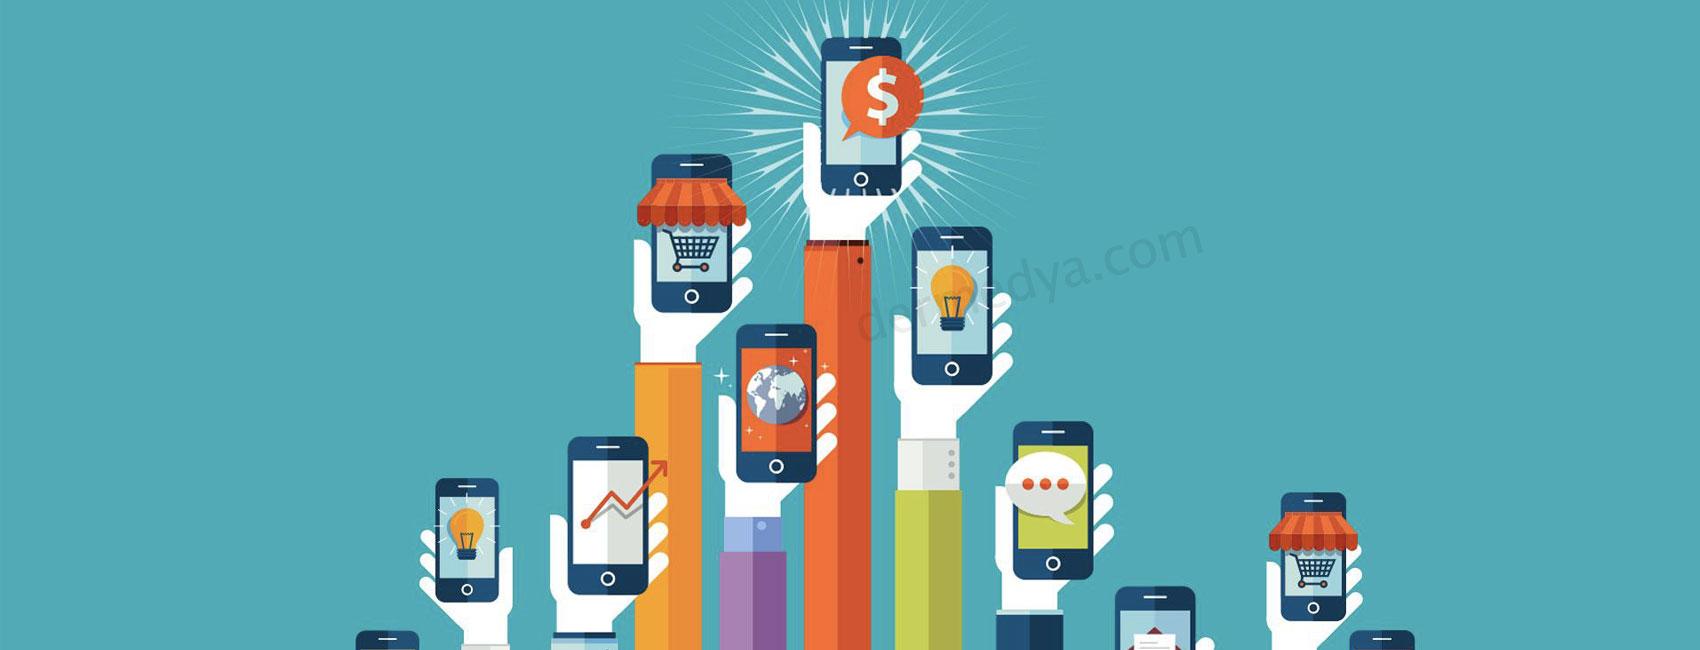 Başarılı Mobil Uygulama Geliştirme İpuçları